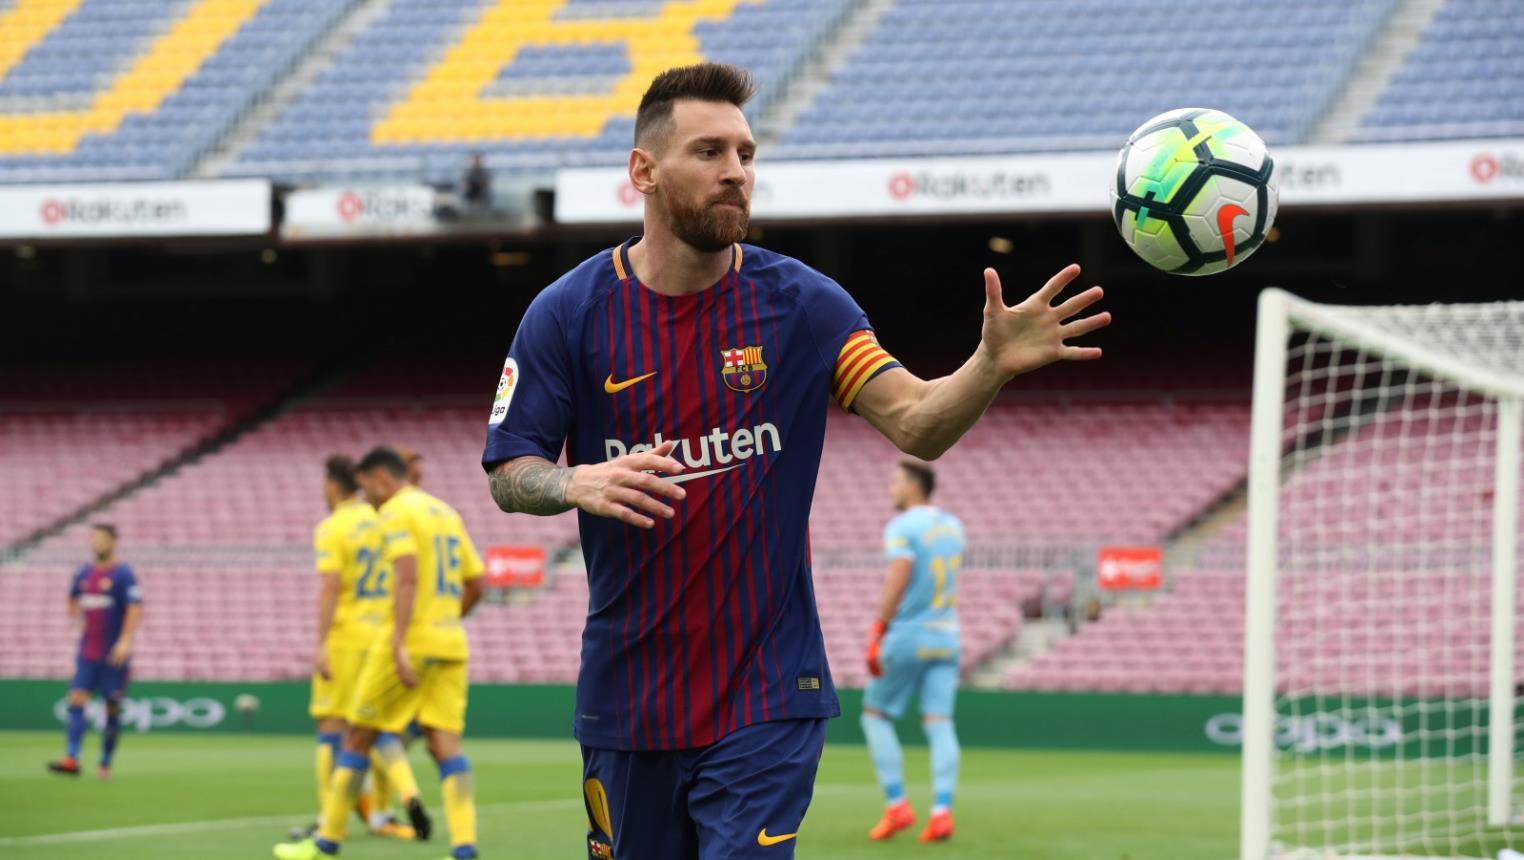 بالصور صور فريق برشلونة , اجدد صور للنادي الاسباني الكاتلوني 4413 5